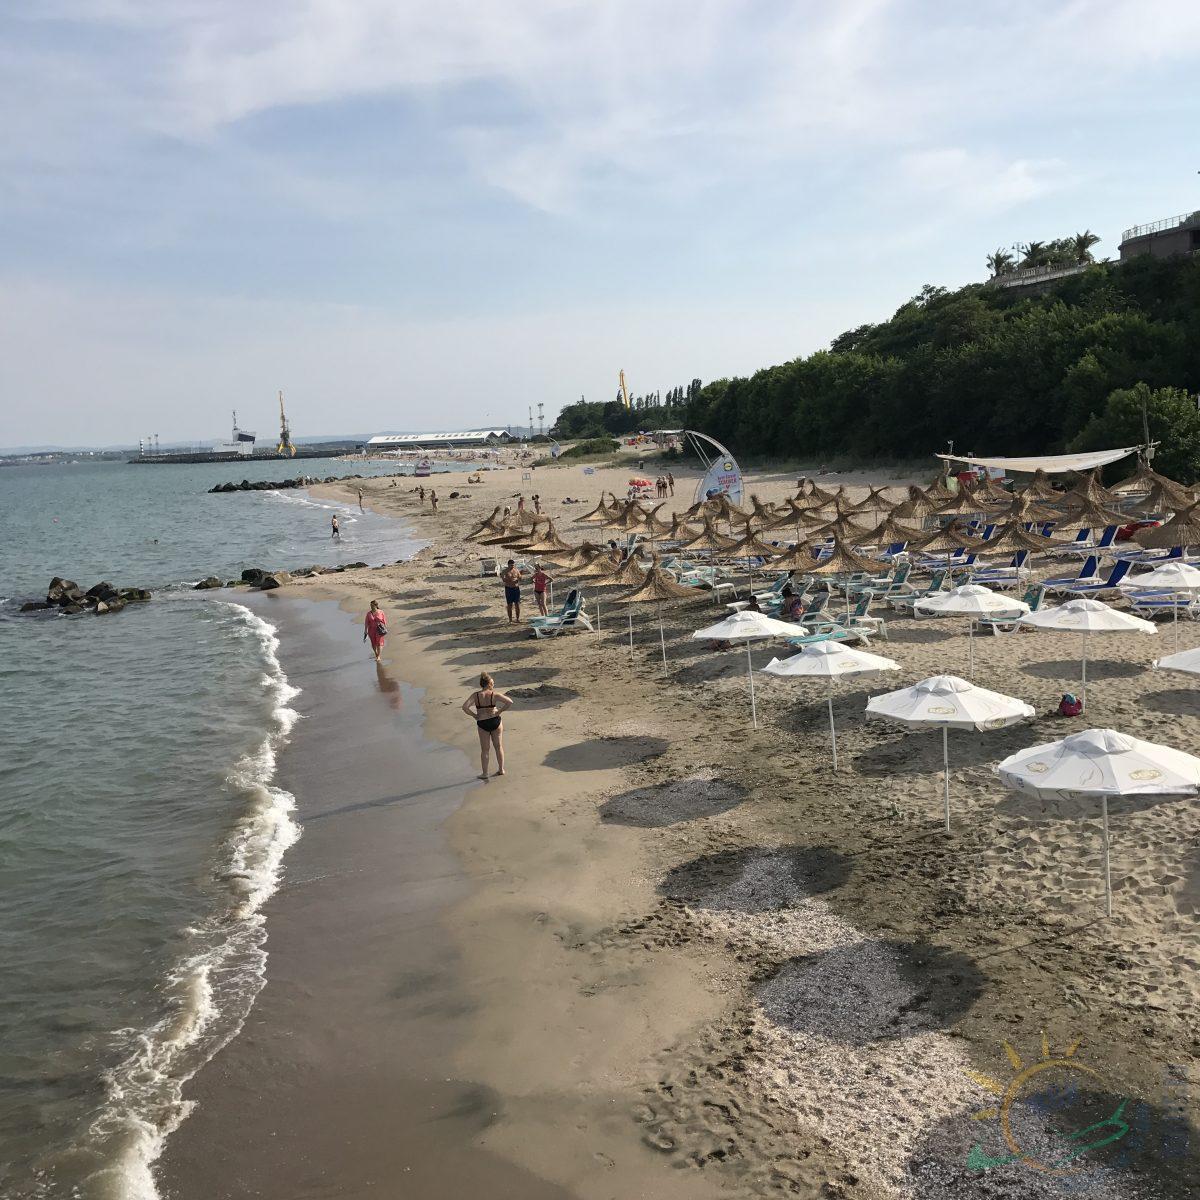 сегодняшнее пляжи бургаса фото царя соломона